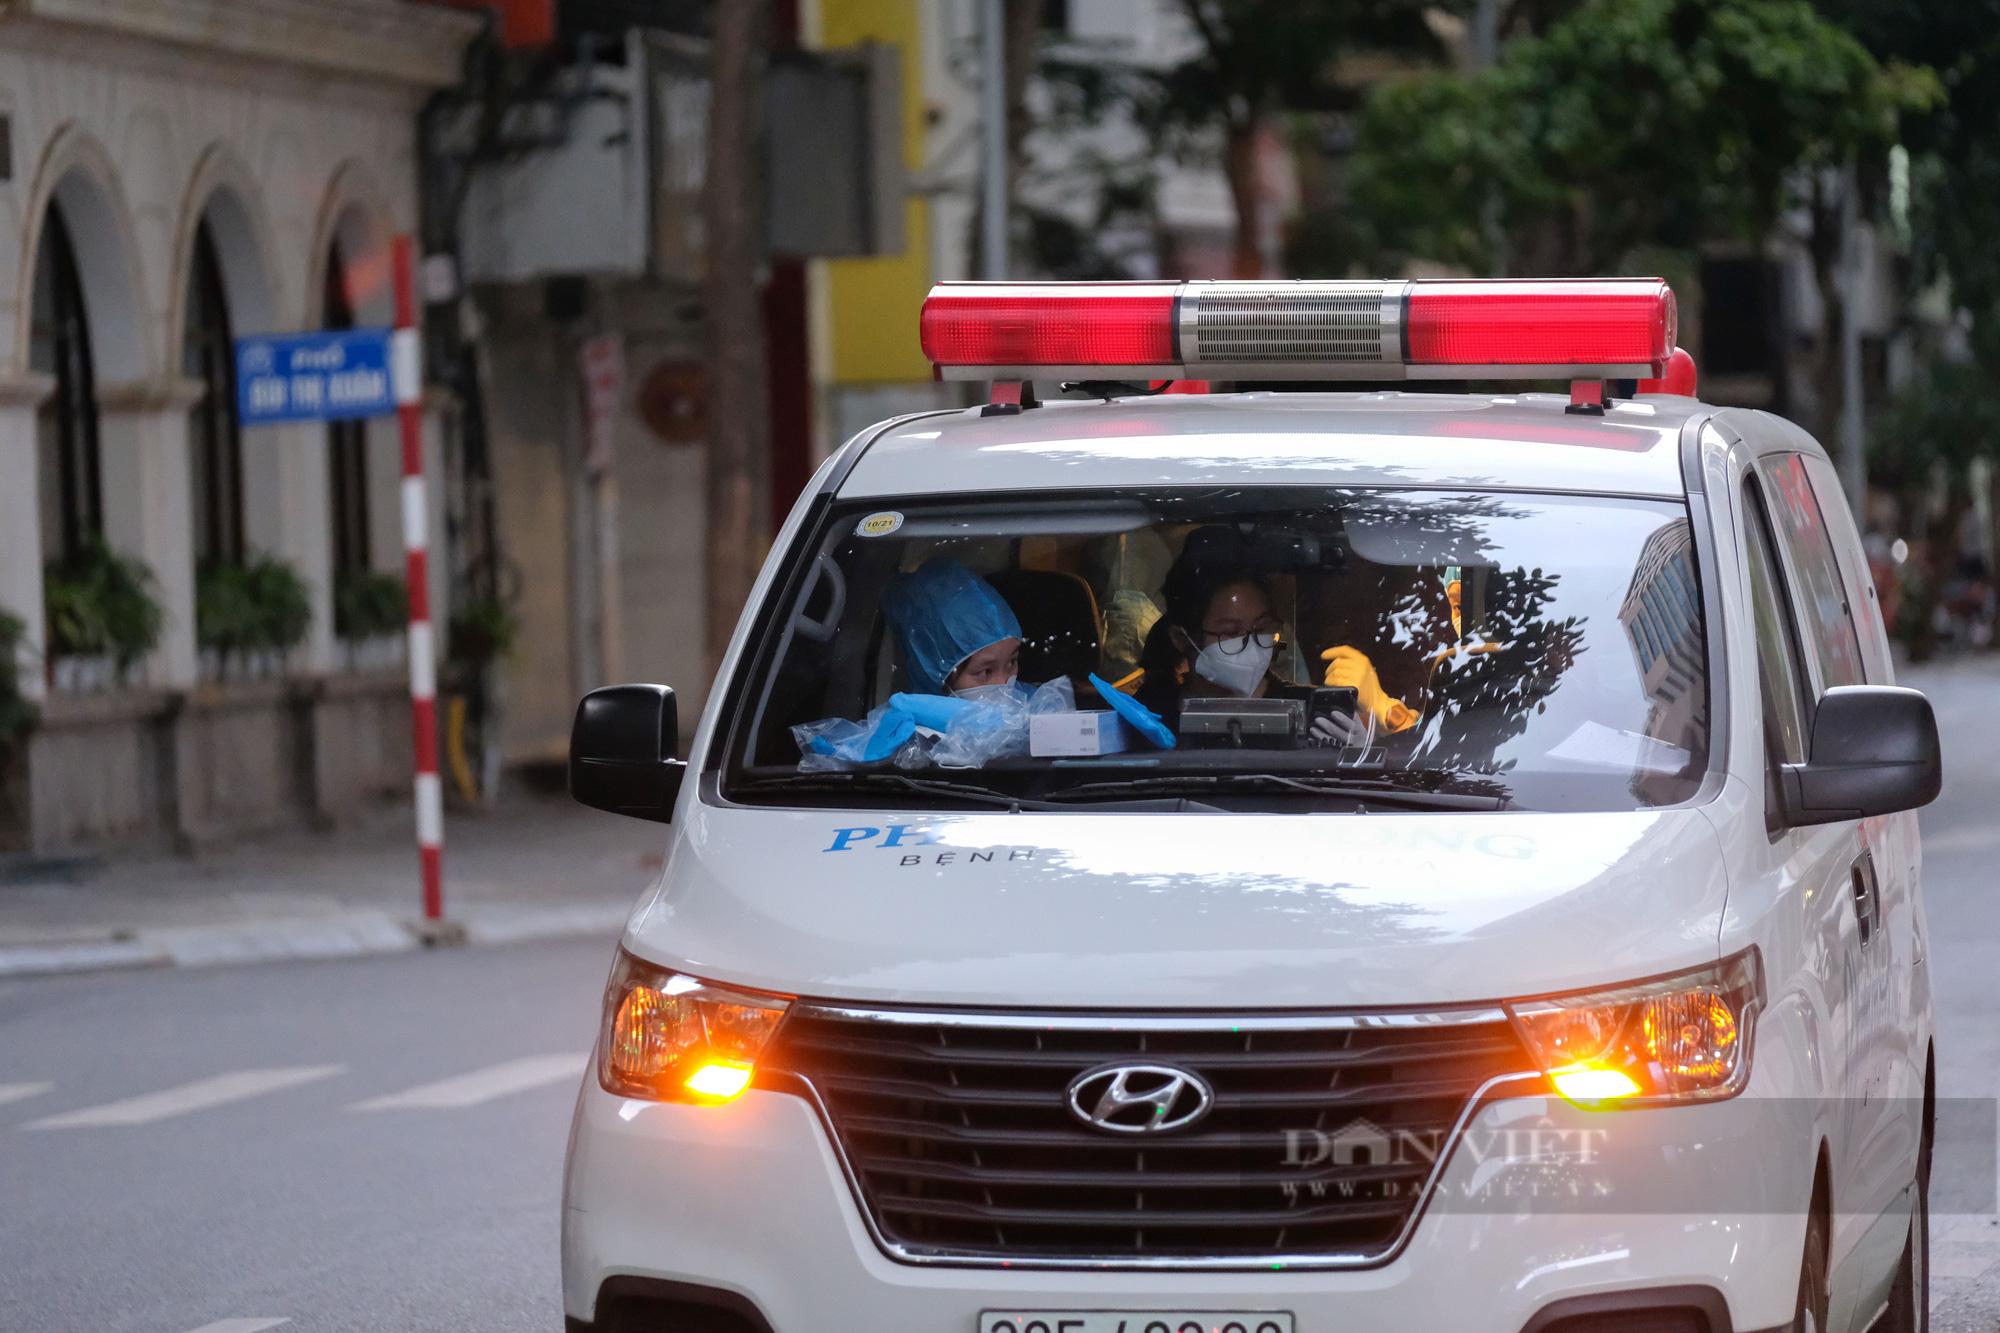 Khẩn trương truy vết người bị nghi nhiễm Covid-19 tại Vincom Bà Triệu - Ảnh 6.